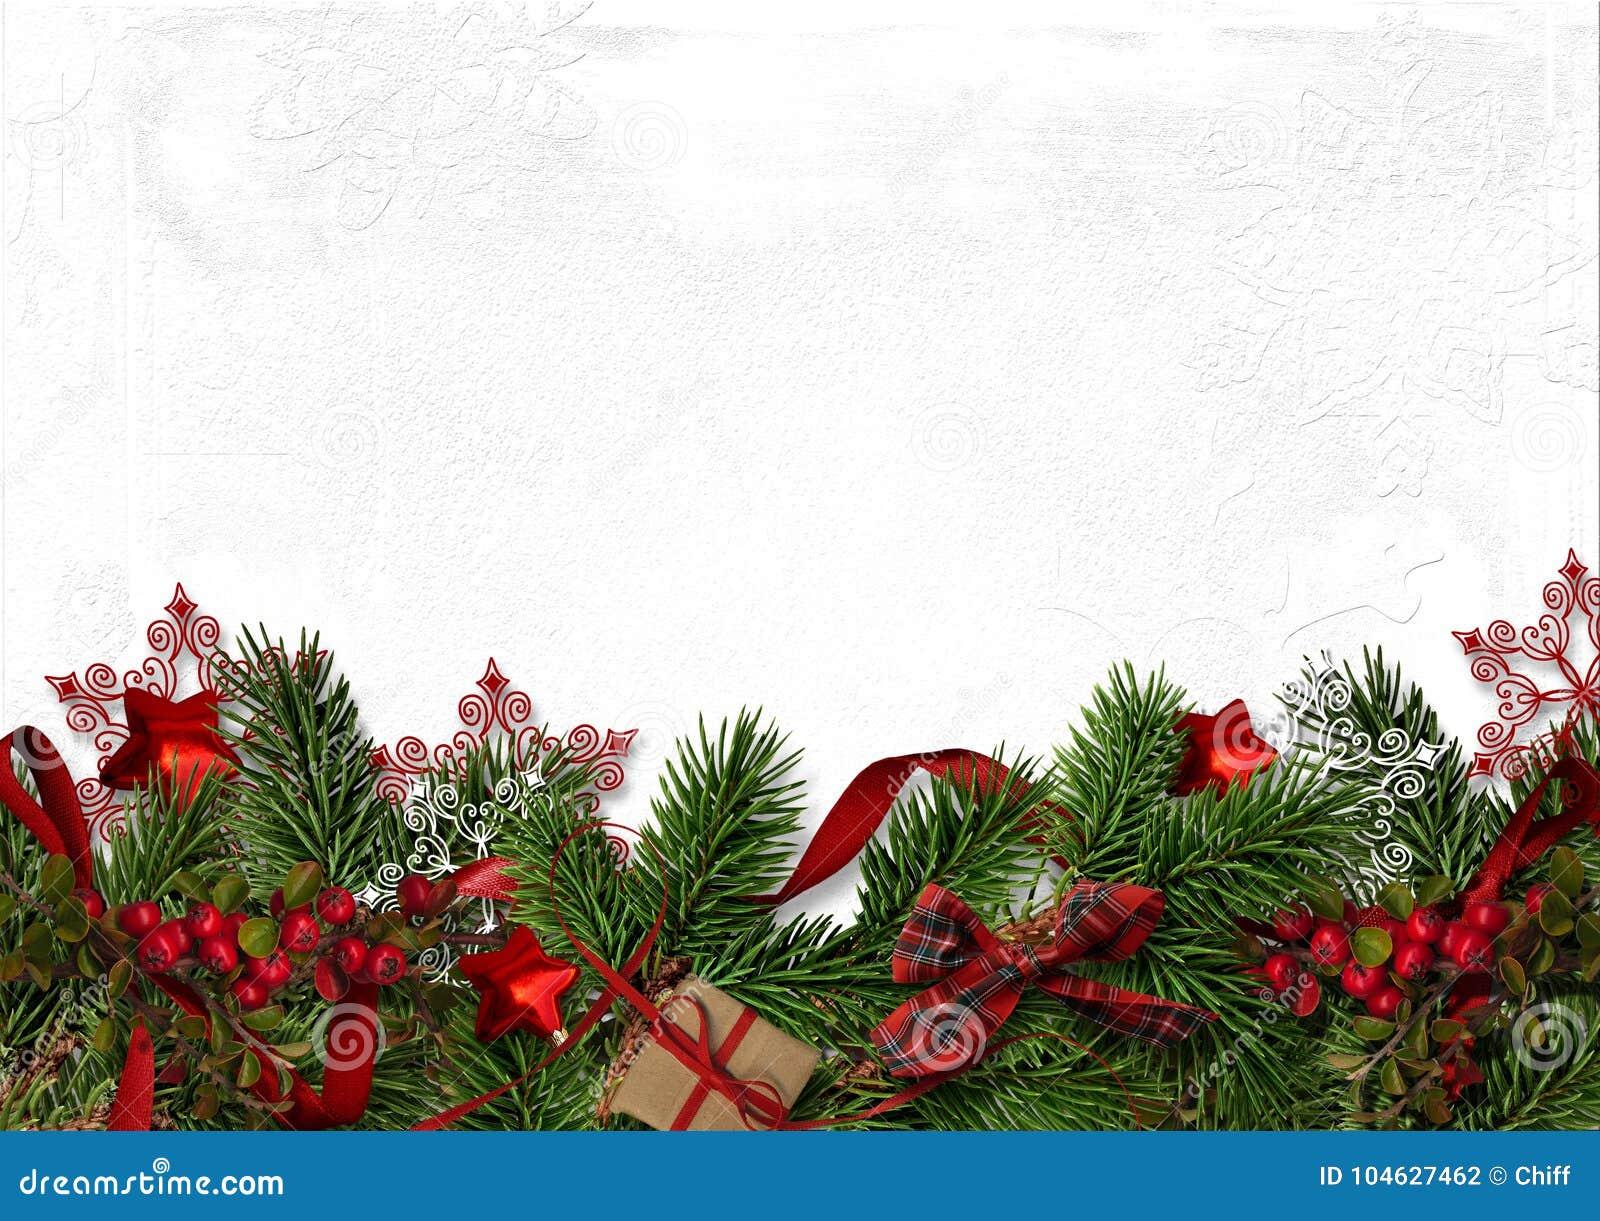 Download Kerstmis Decoratieve Grens Met Spartakken En Rode Bessen Stock Foto - Afbeelding bestaande uit boog, decoratie: 104627462